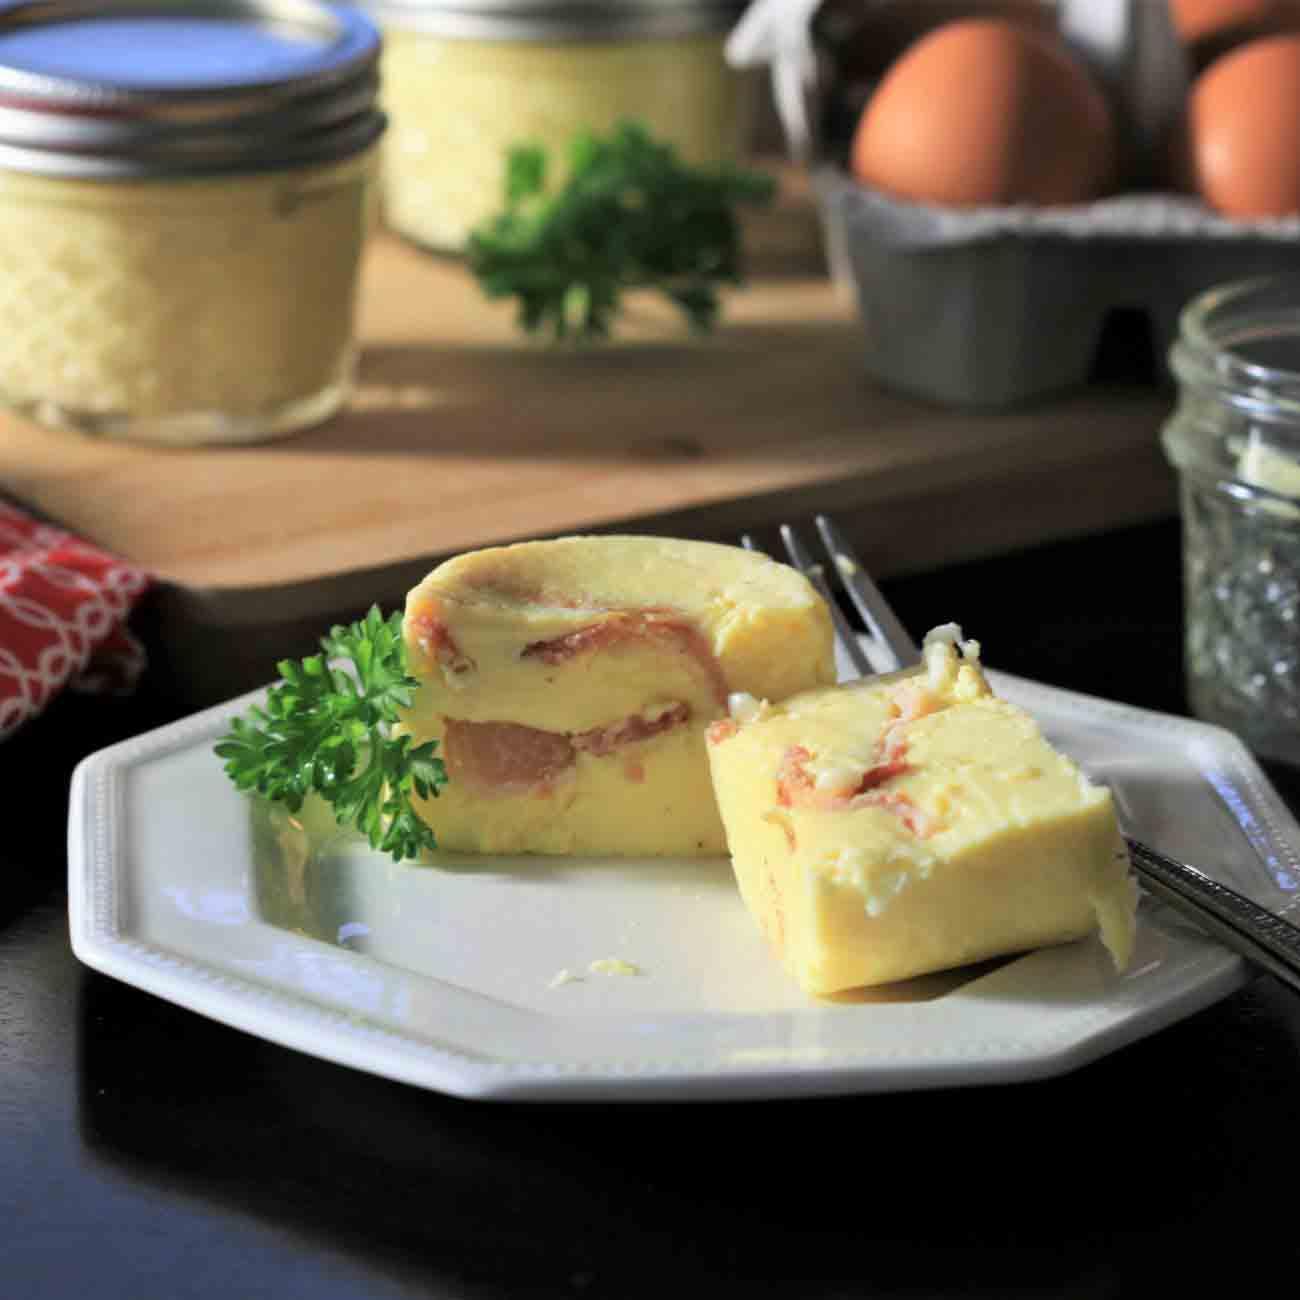 New York Sweet Vanilla Cheesecake with Blueberries